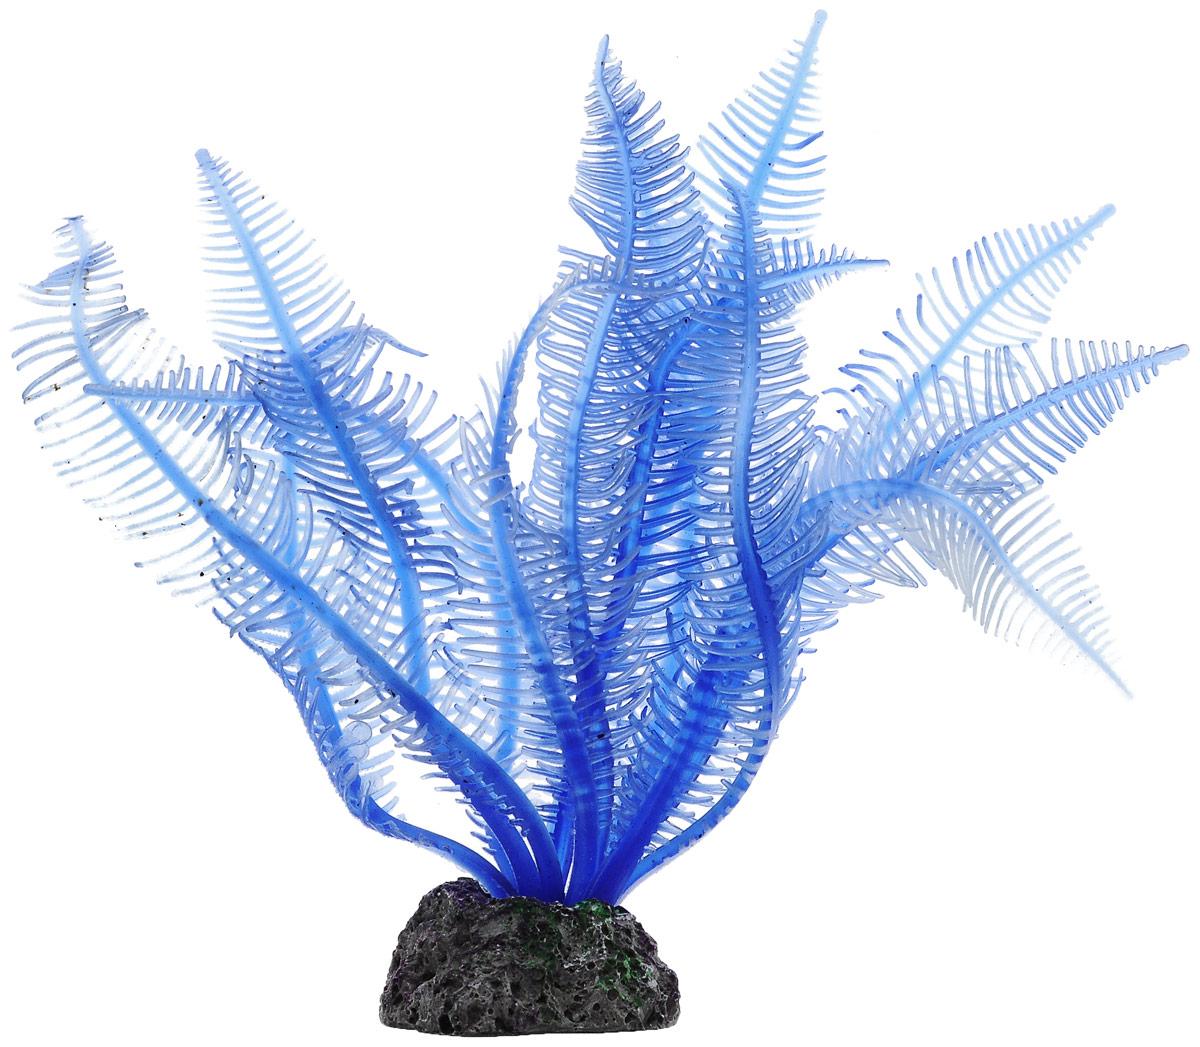 Декорация для аквариума Barbus Коралл, силиконовая, цвет: синий, серый, высота 11 смDecor 221Декорация для аквариума Barbus Коралл, выполненная из высококачественного силикона и пластика, станет прекрасным украшением вашего аквариума. Изделие отличается реалистичным исполнением с множеством мелких деталей. Декорация абсолютно безопасна, нейтральна к водному балансу, устойчива к истиранию краски, подходит как для пресноводного, так и для морского аквариума. Благодаря декорациям вы сможете смоделировать потрясающий пейзаж на дне вашего аквариума или террариума.Высота декорации: 11 см.Размер основания: 3,5 х 3 см.